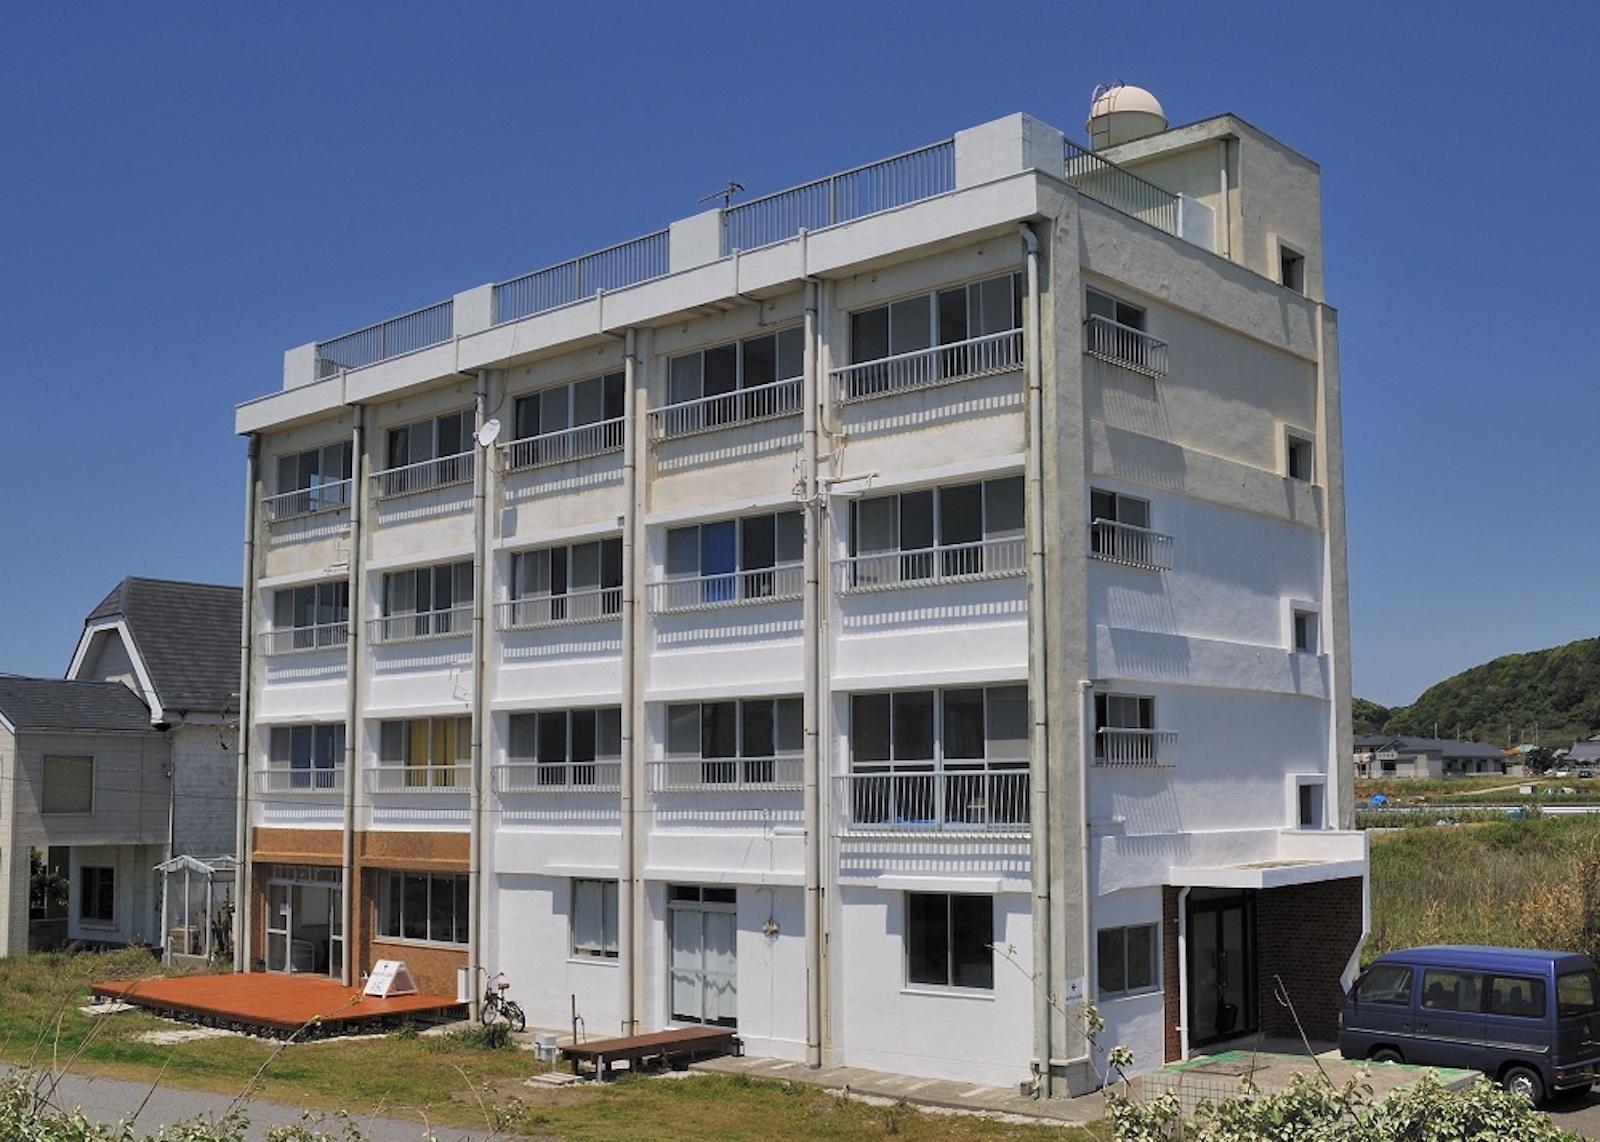 シラハマアパートメント。朝日の差し込む角部屋が蟻川家のアジト